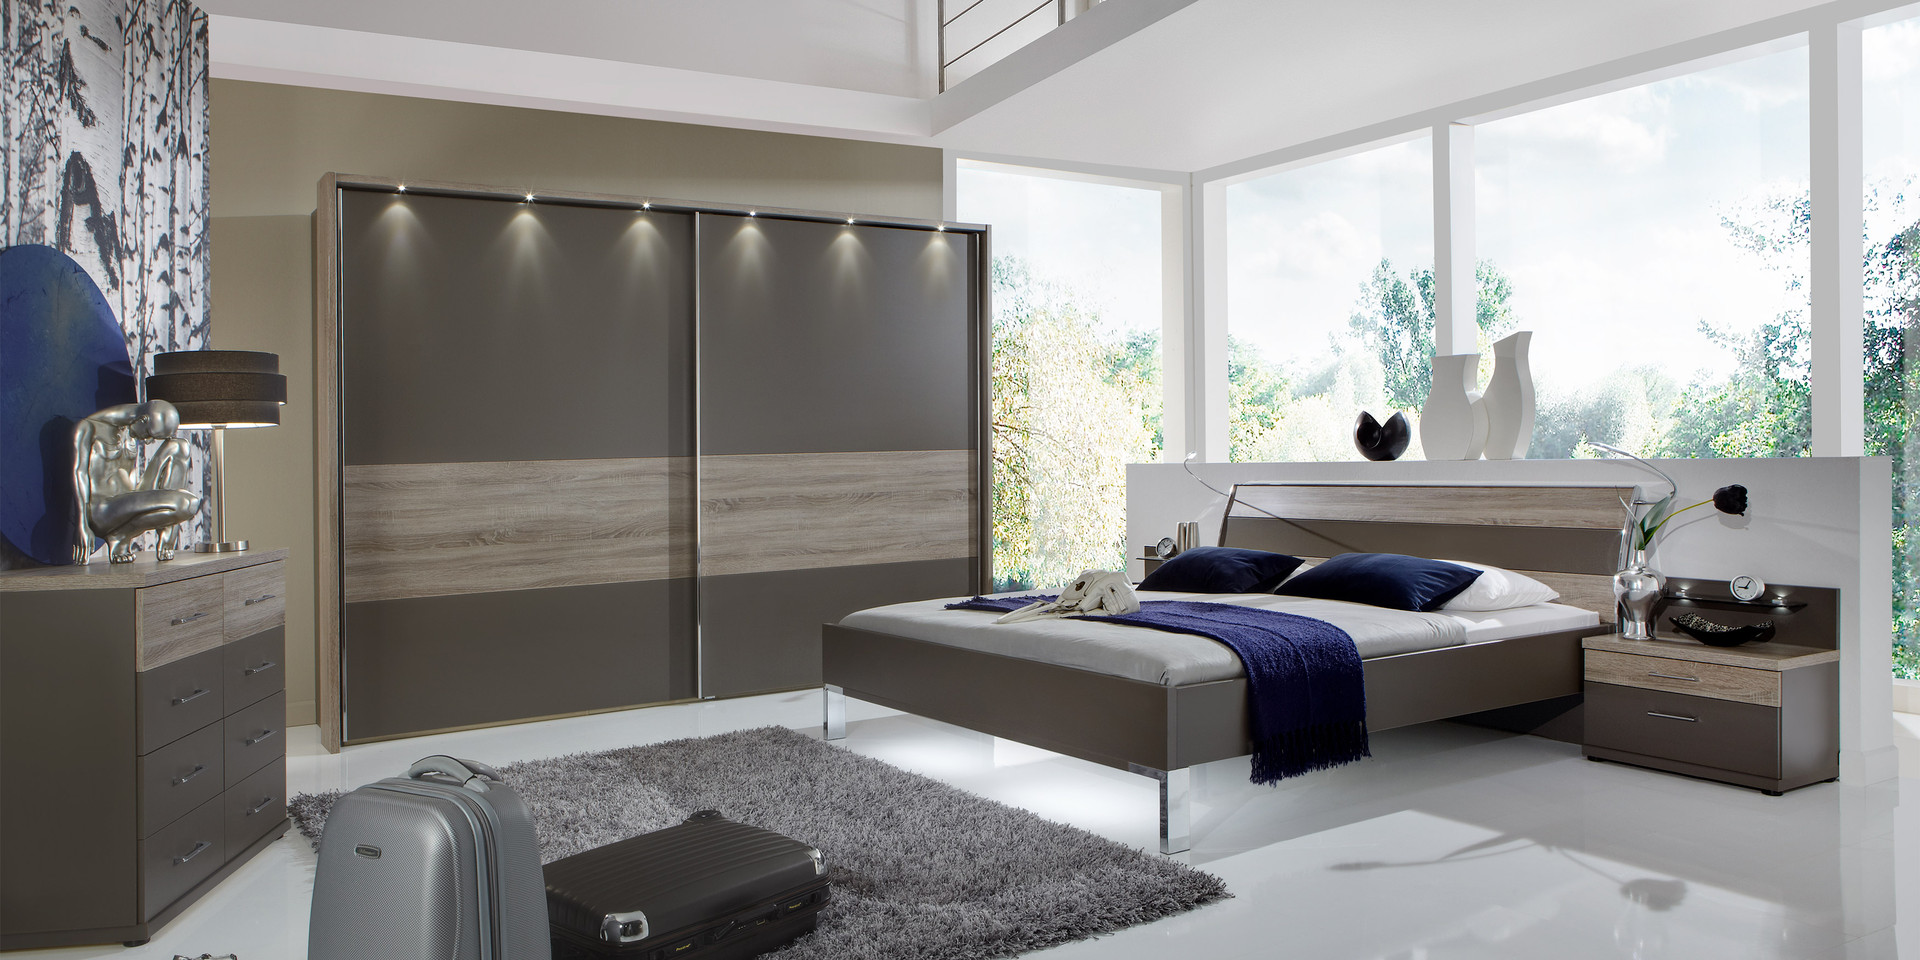 schlafzimmer. Black Bedroom Furniture Sets. Home Design Ideas